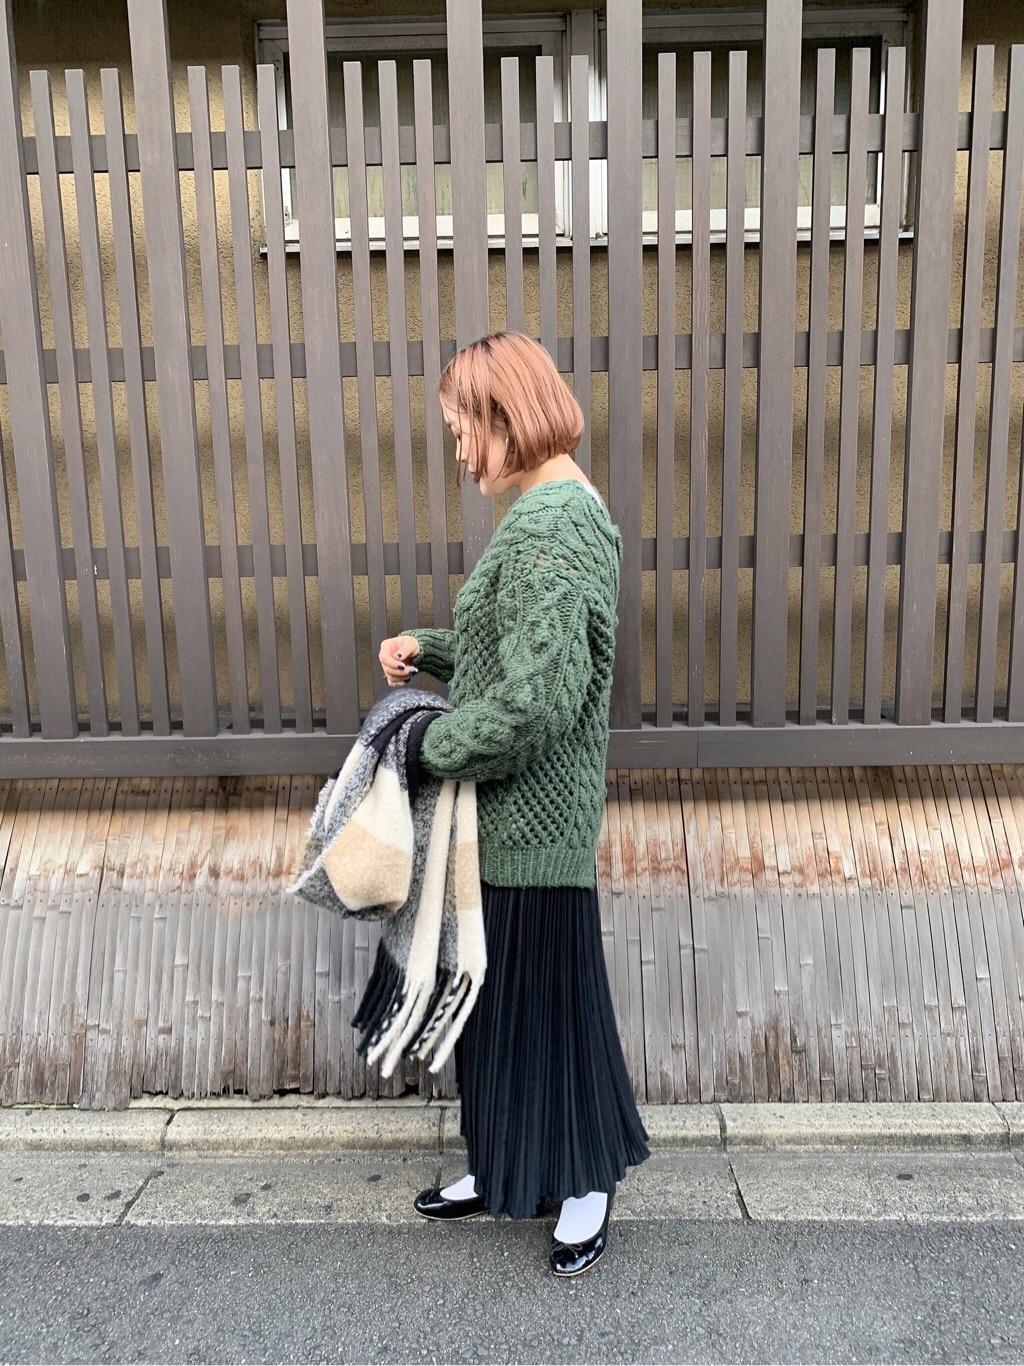 l'atelier du savon 京都路面 身長:166cm 2019.11.21